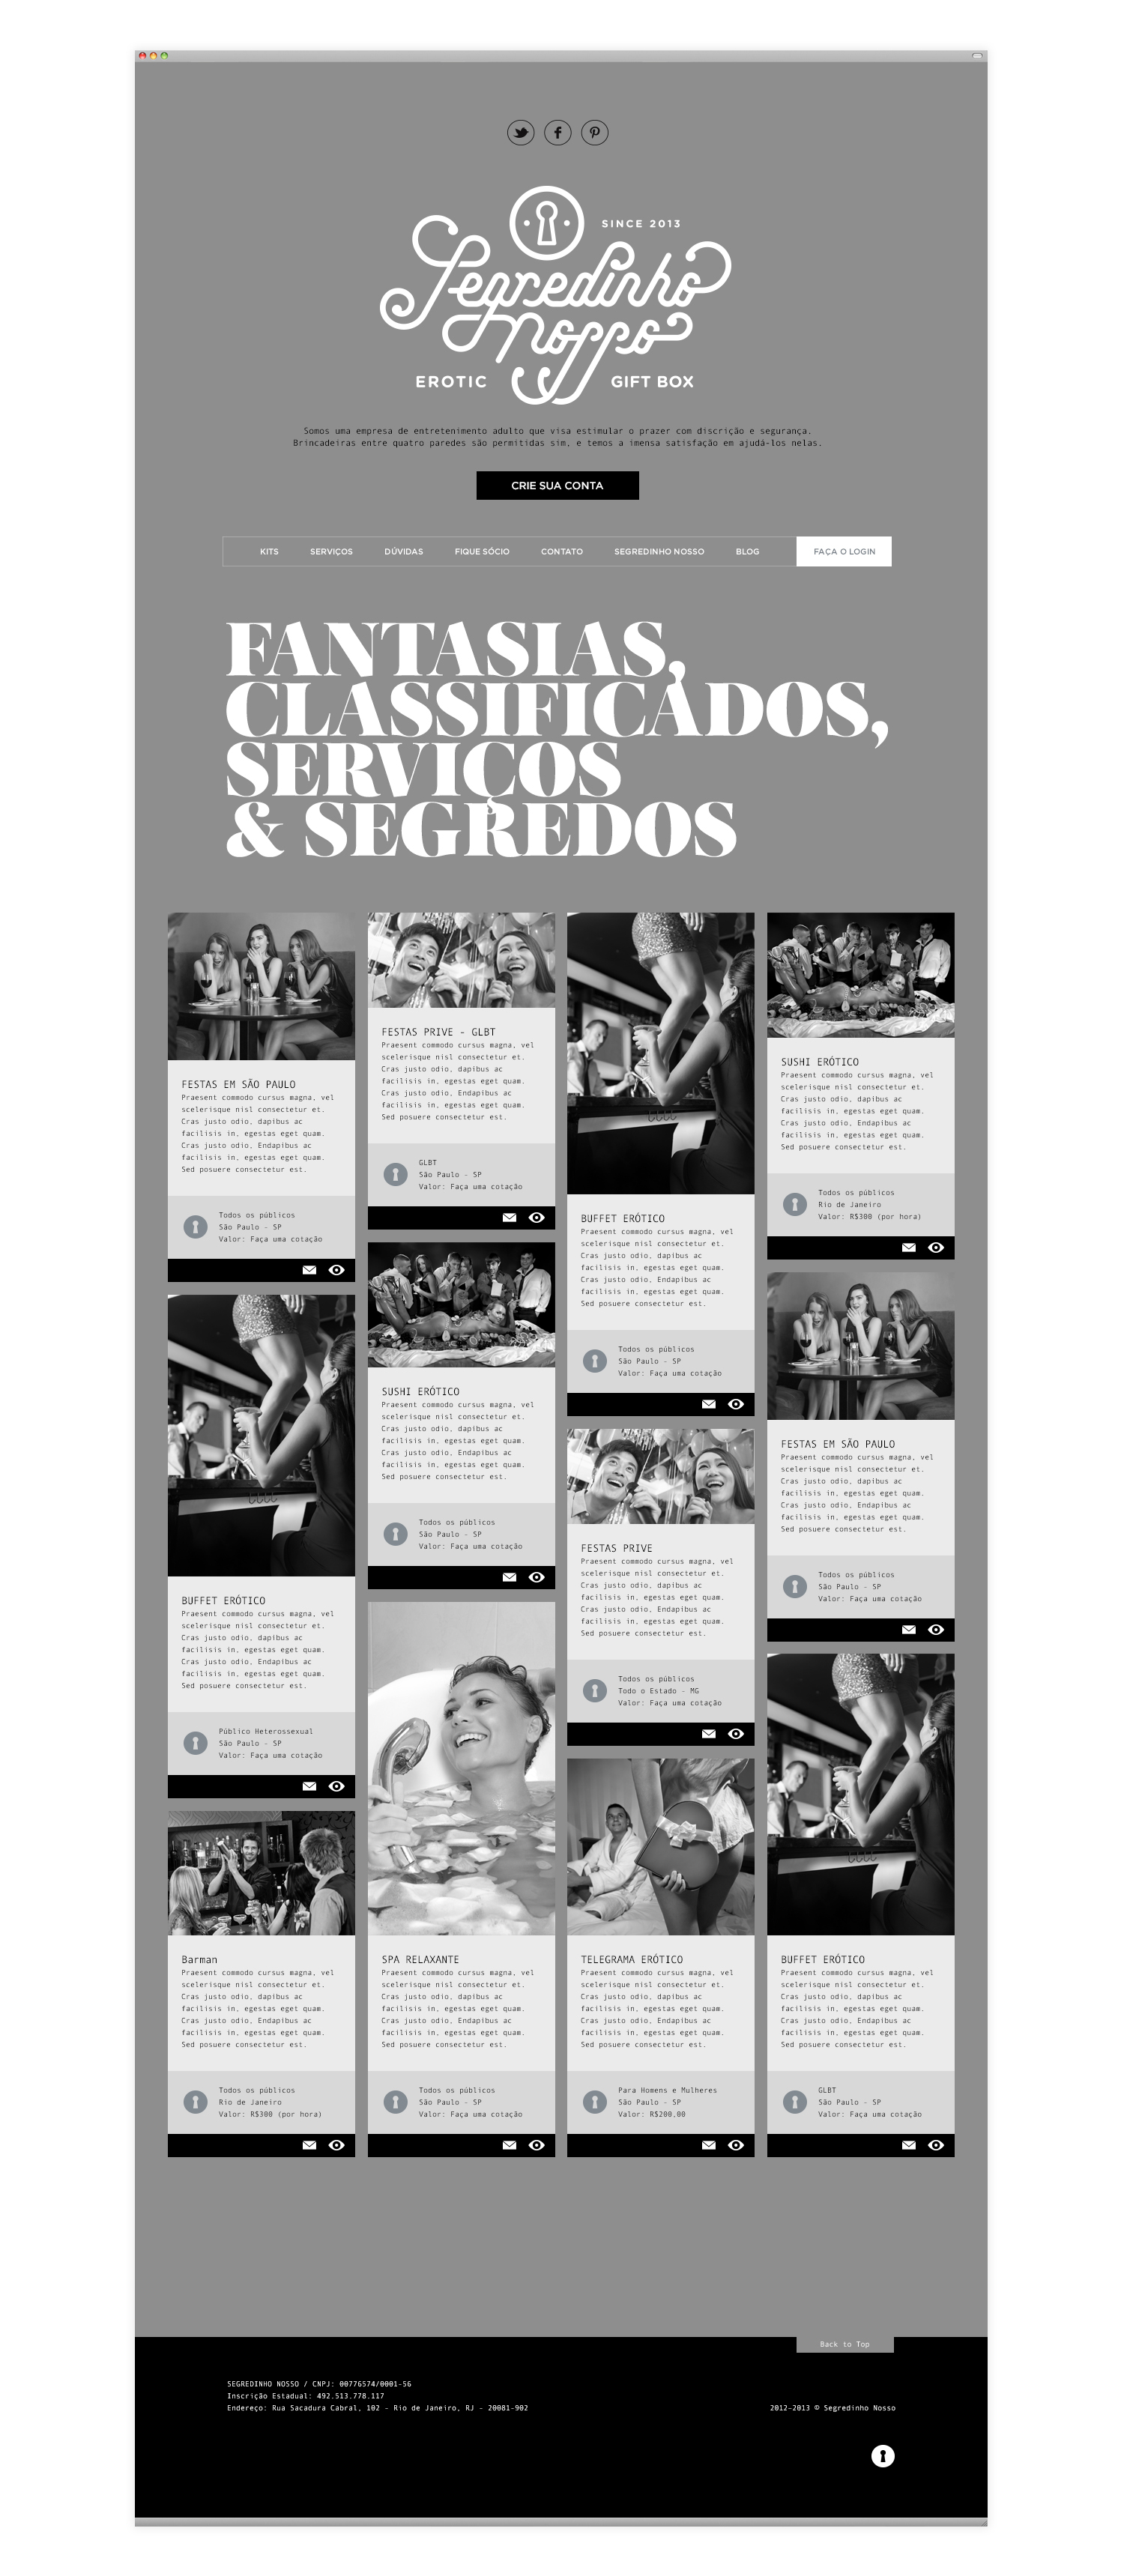 Segredinho Nosso Classified Ads